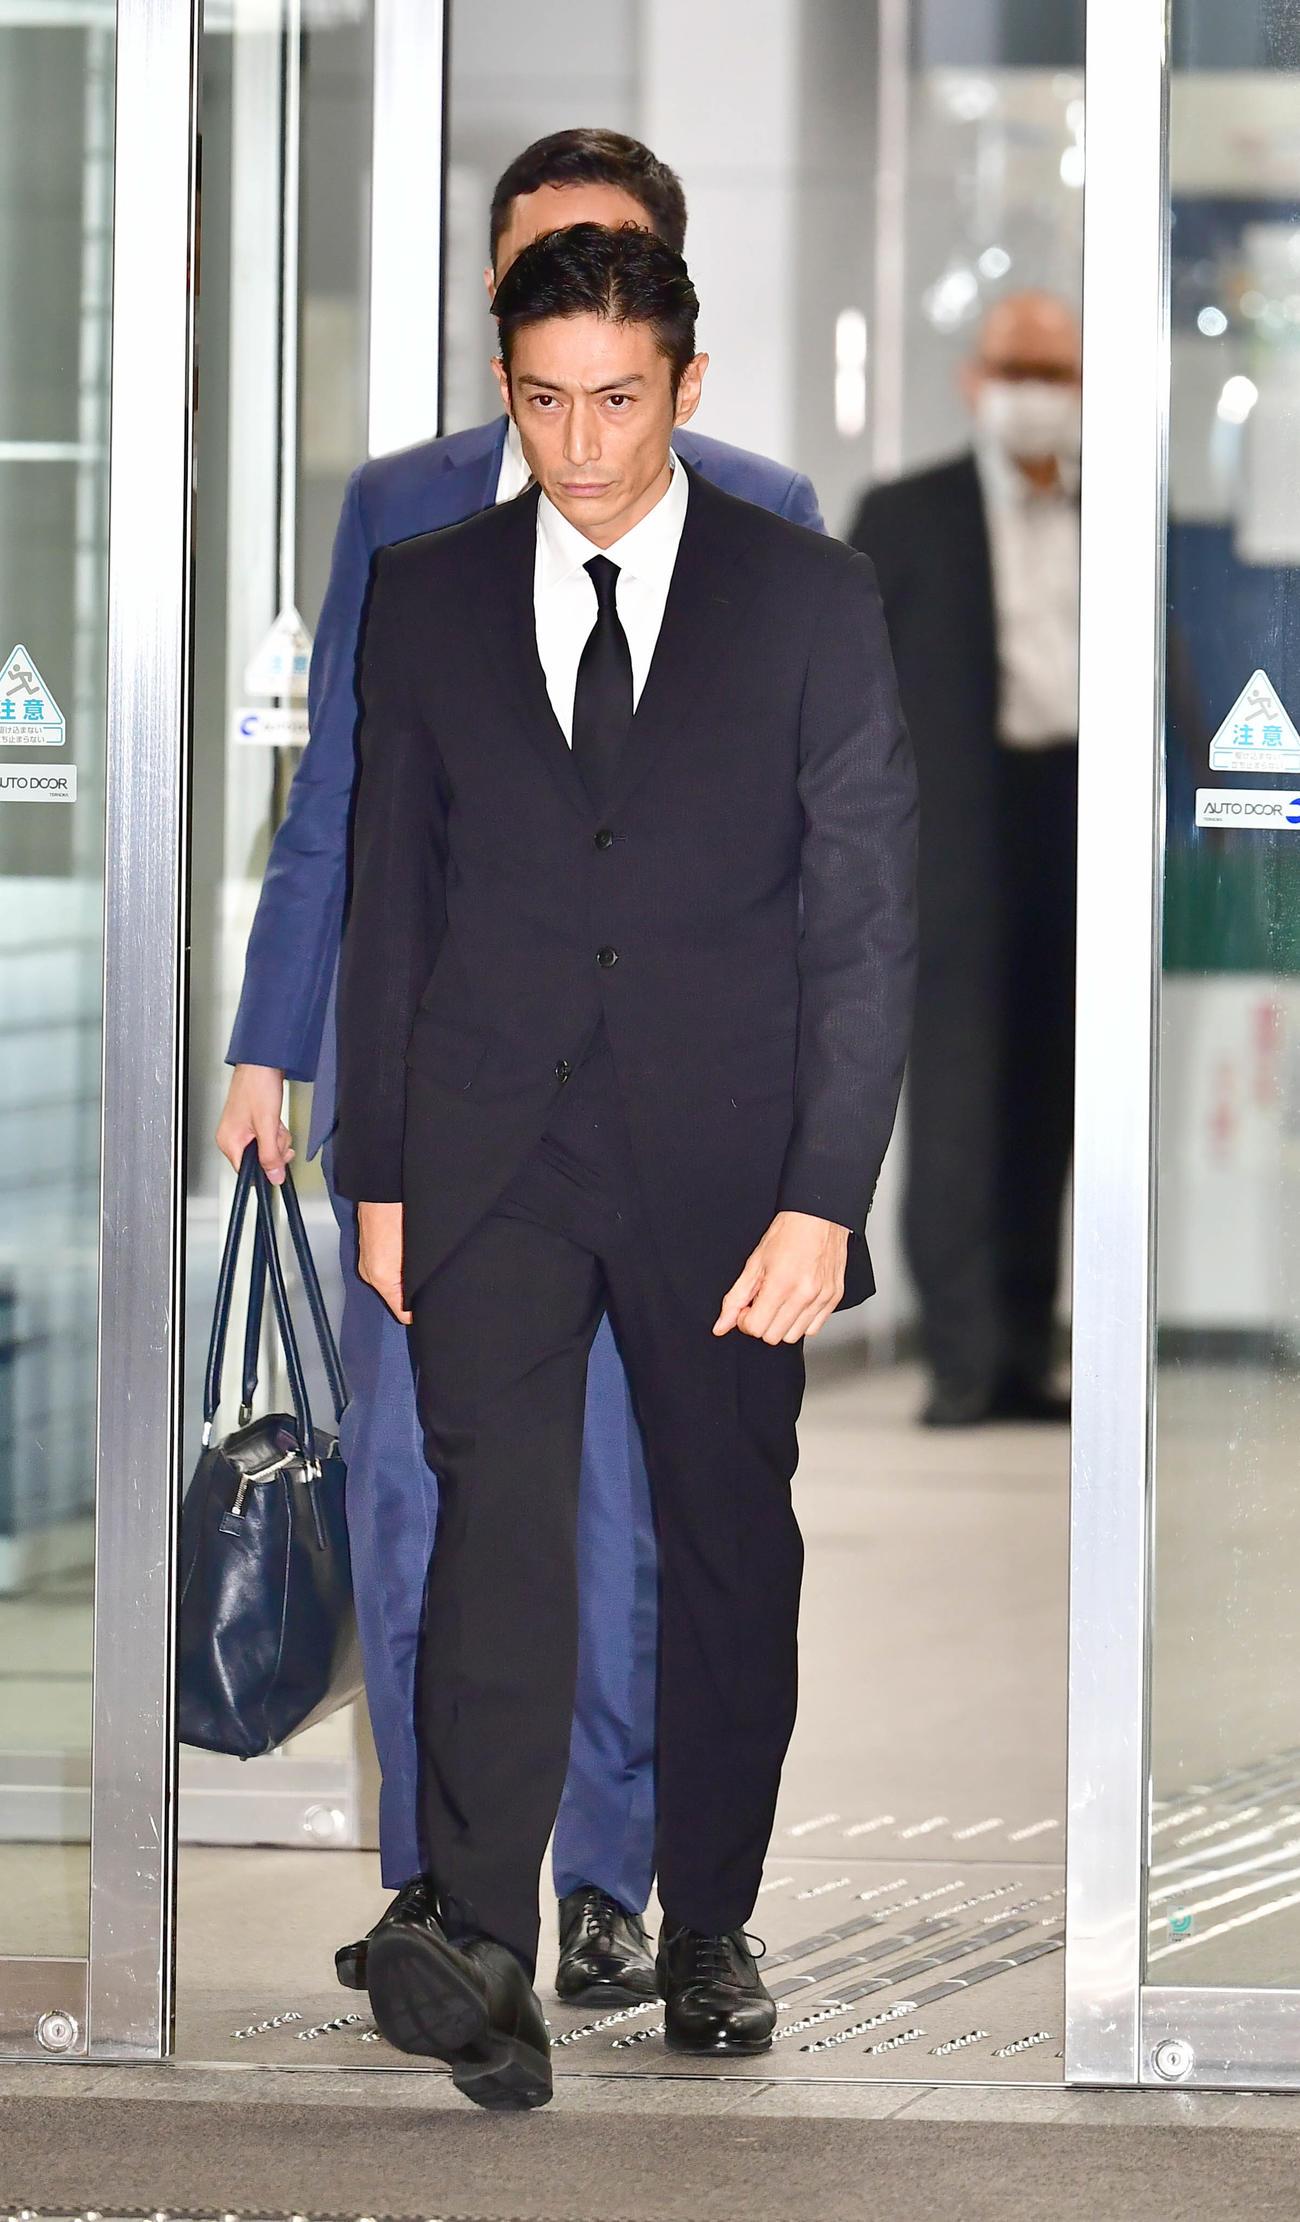 大麻取締法違反の罪で起訴され、東京湾岸署を保釈された俳優の伊勢谷被告(撮影・小沢裕)